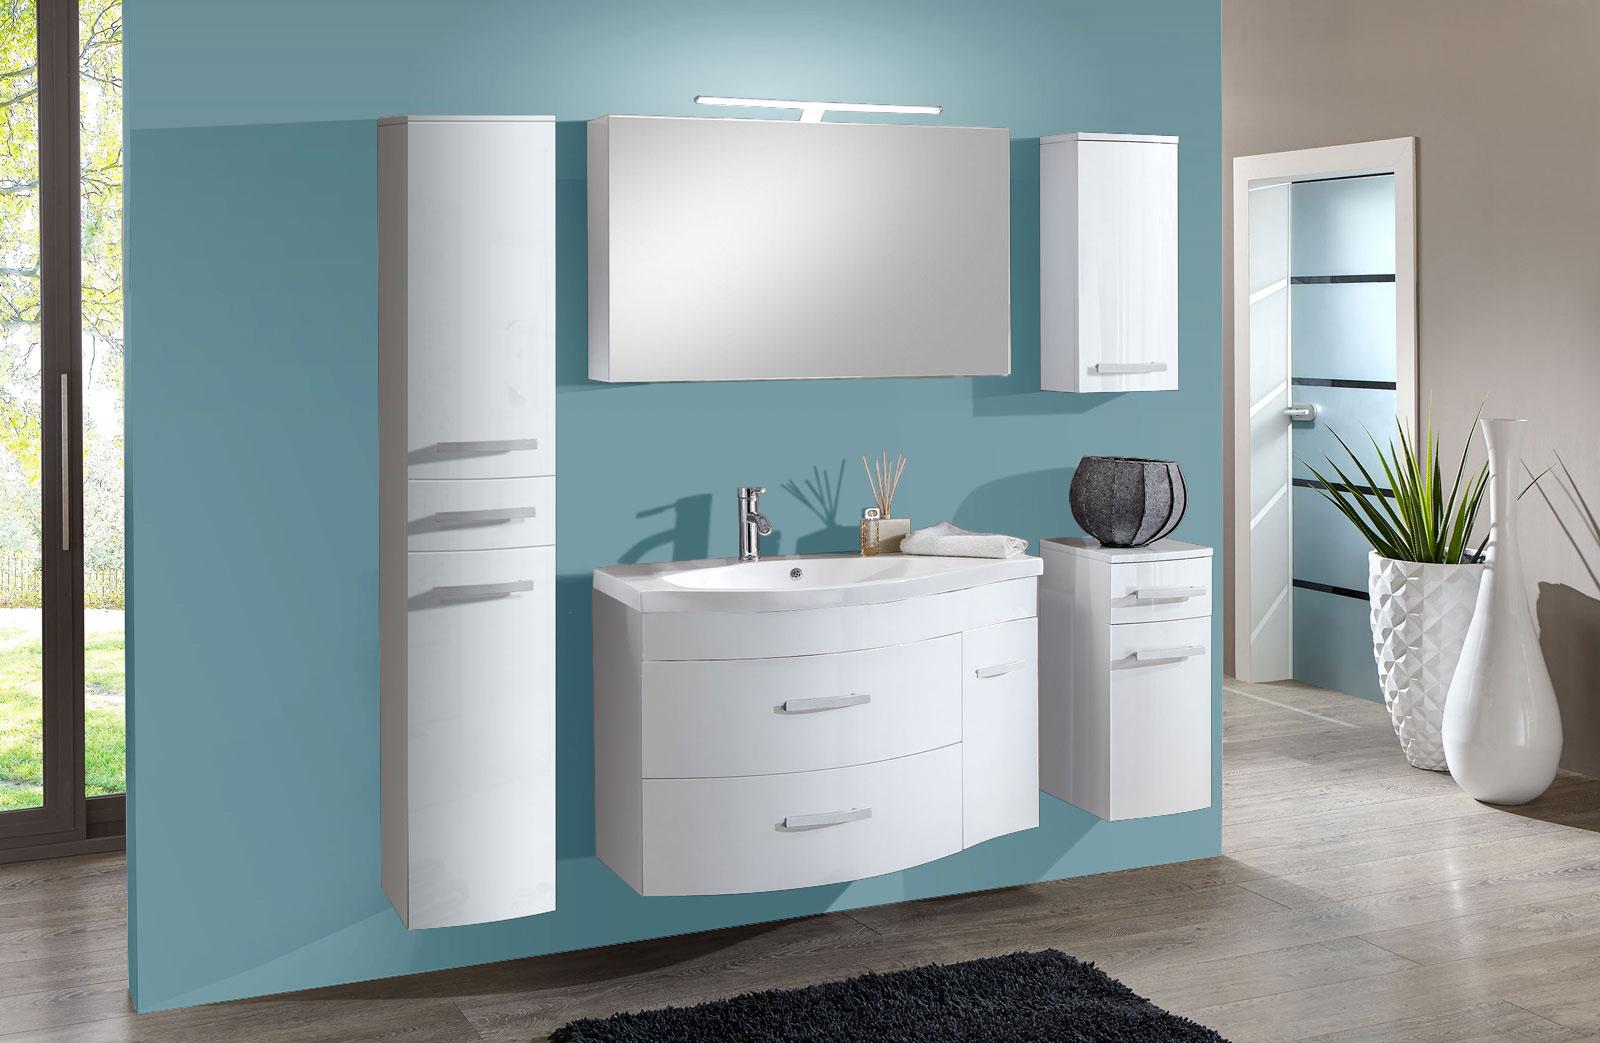 sam badm bel set 5tlg waschtisch 110 cm hochglanz wei lugano xl. Black Bedroom Furniture Sets. Home Design Ideas